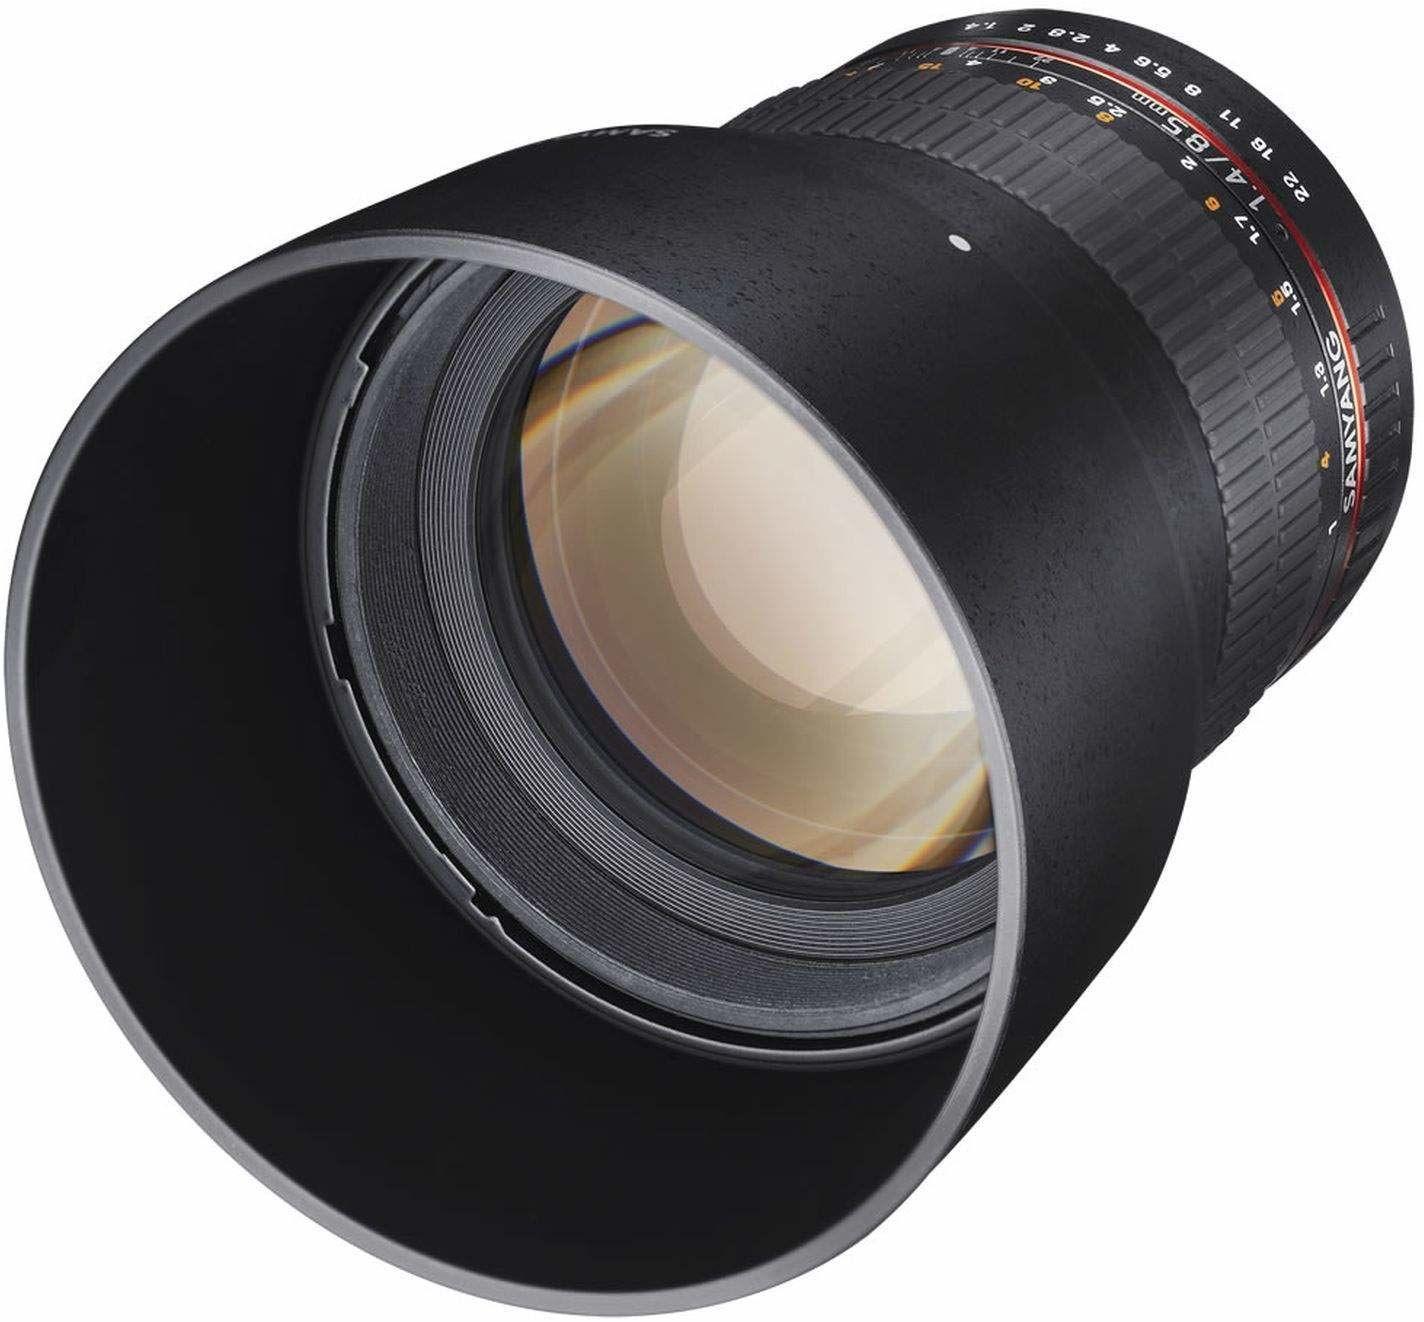 Samyang 85 mm F1.4 ręczny obiektyw ogniskowy do Sony